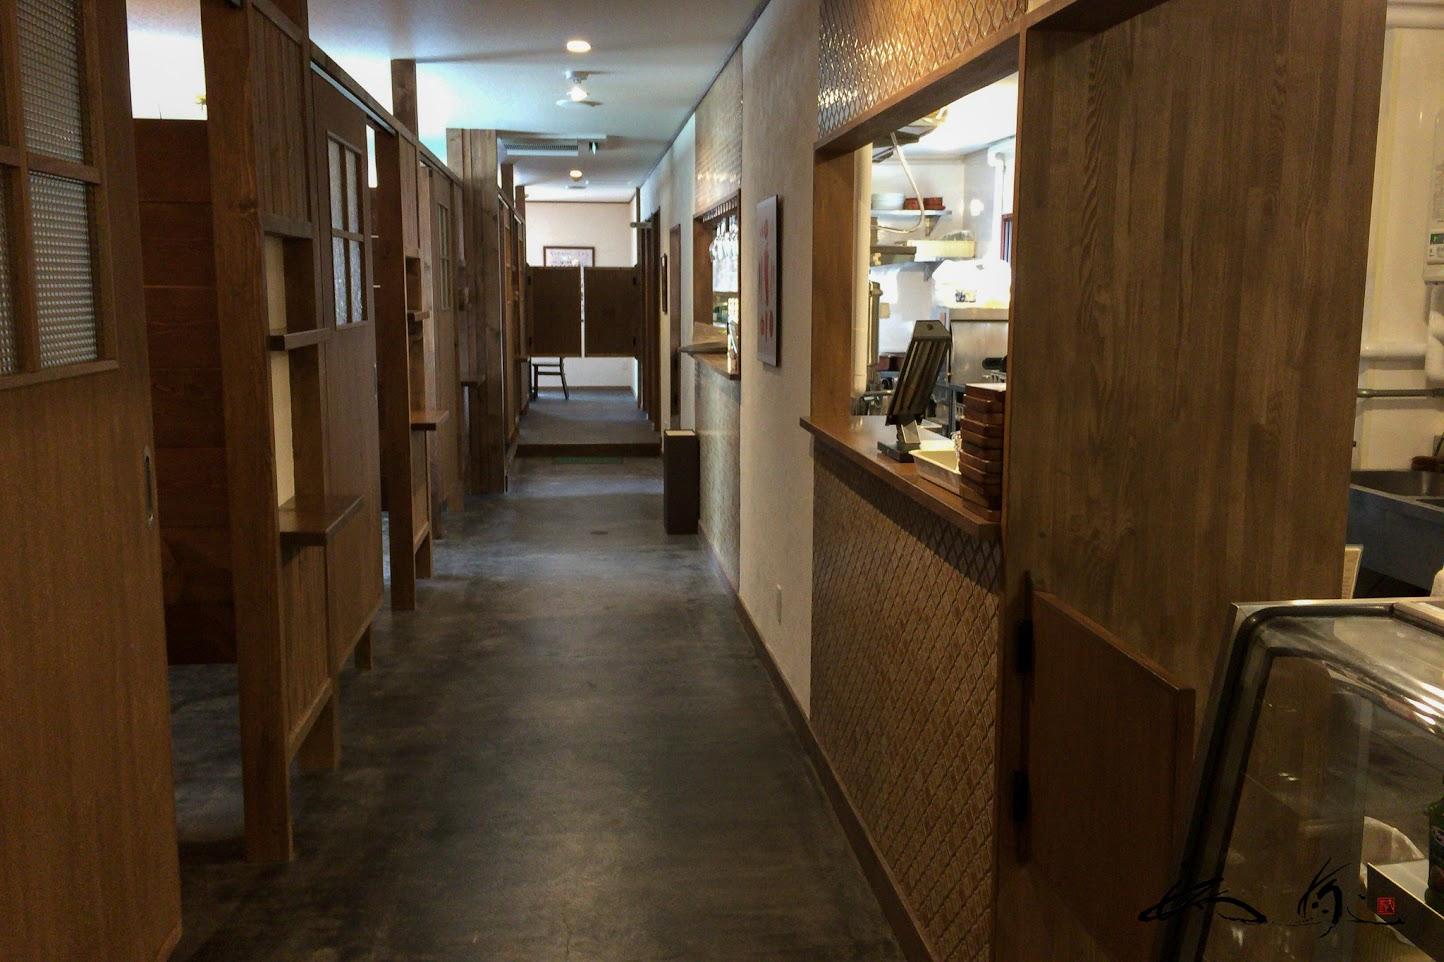 小部屋が並ぶ細長い廊下